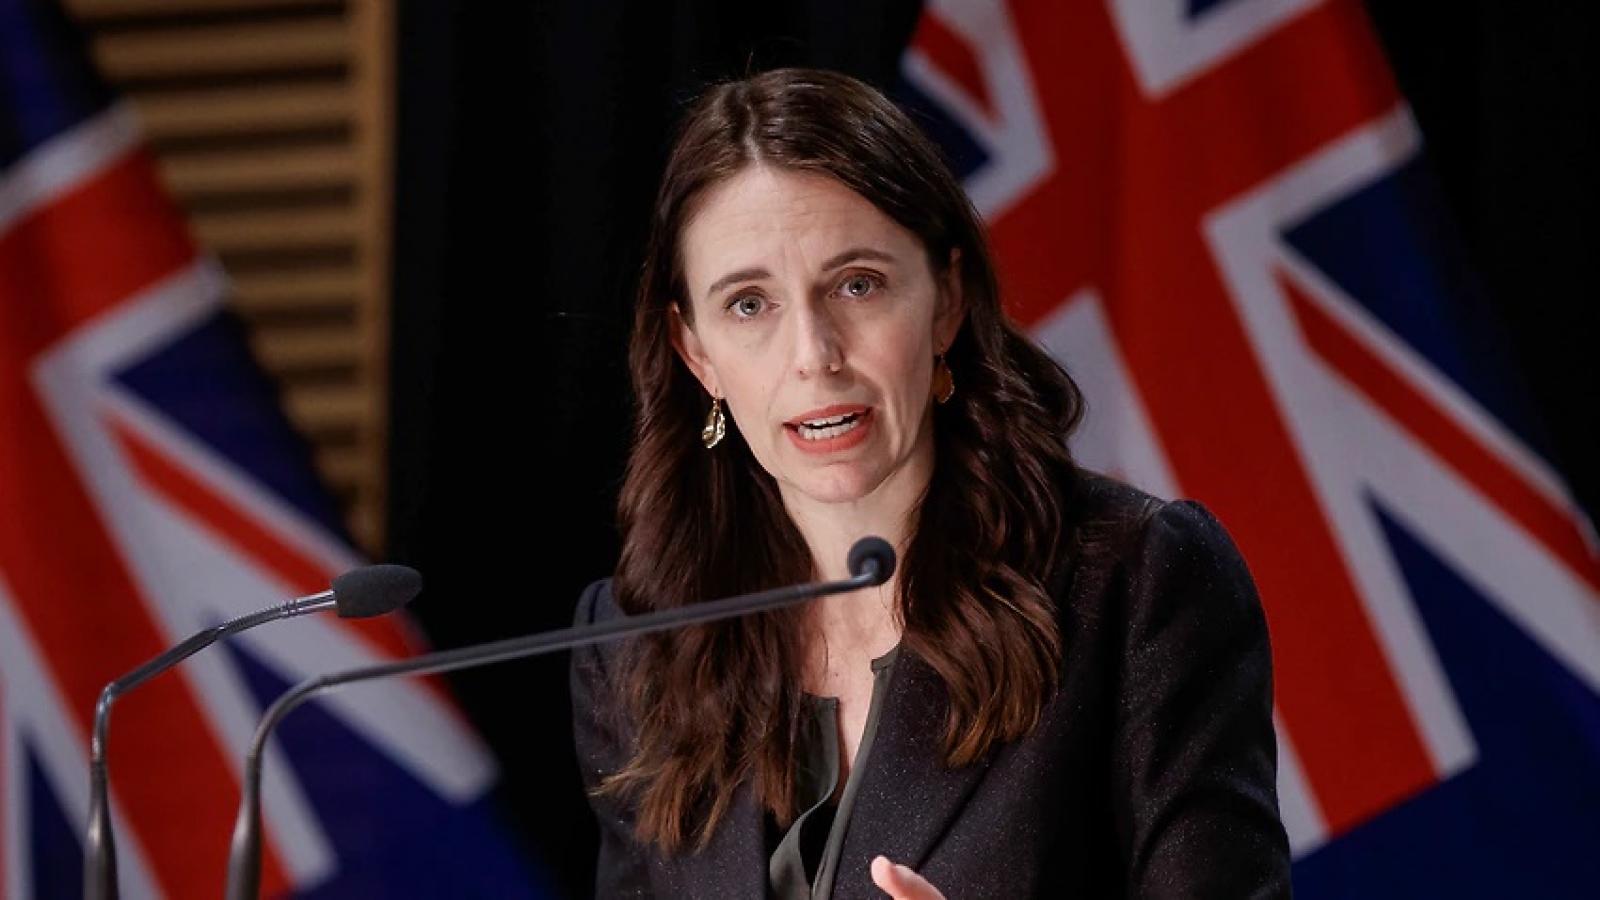 New Zealand cam kết đóng góp 1,3 tỷ NZD ứng phó biến đổi khí hậu